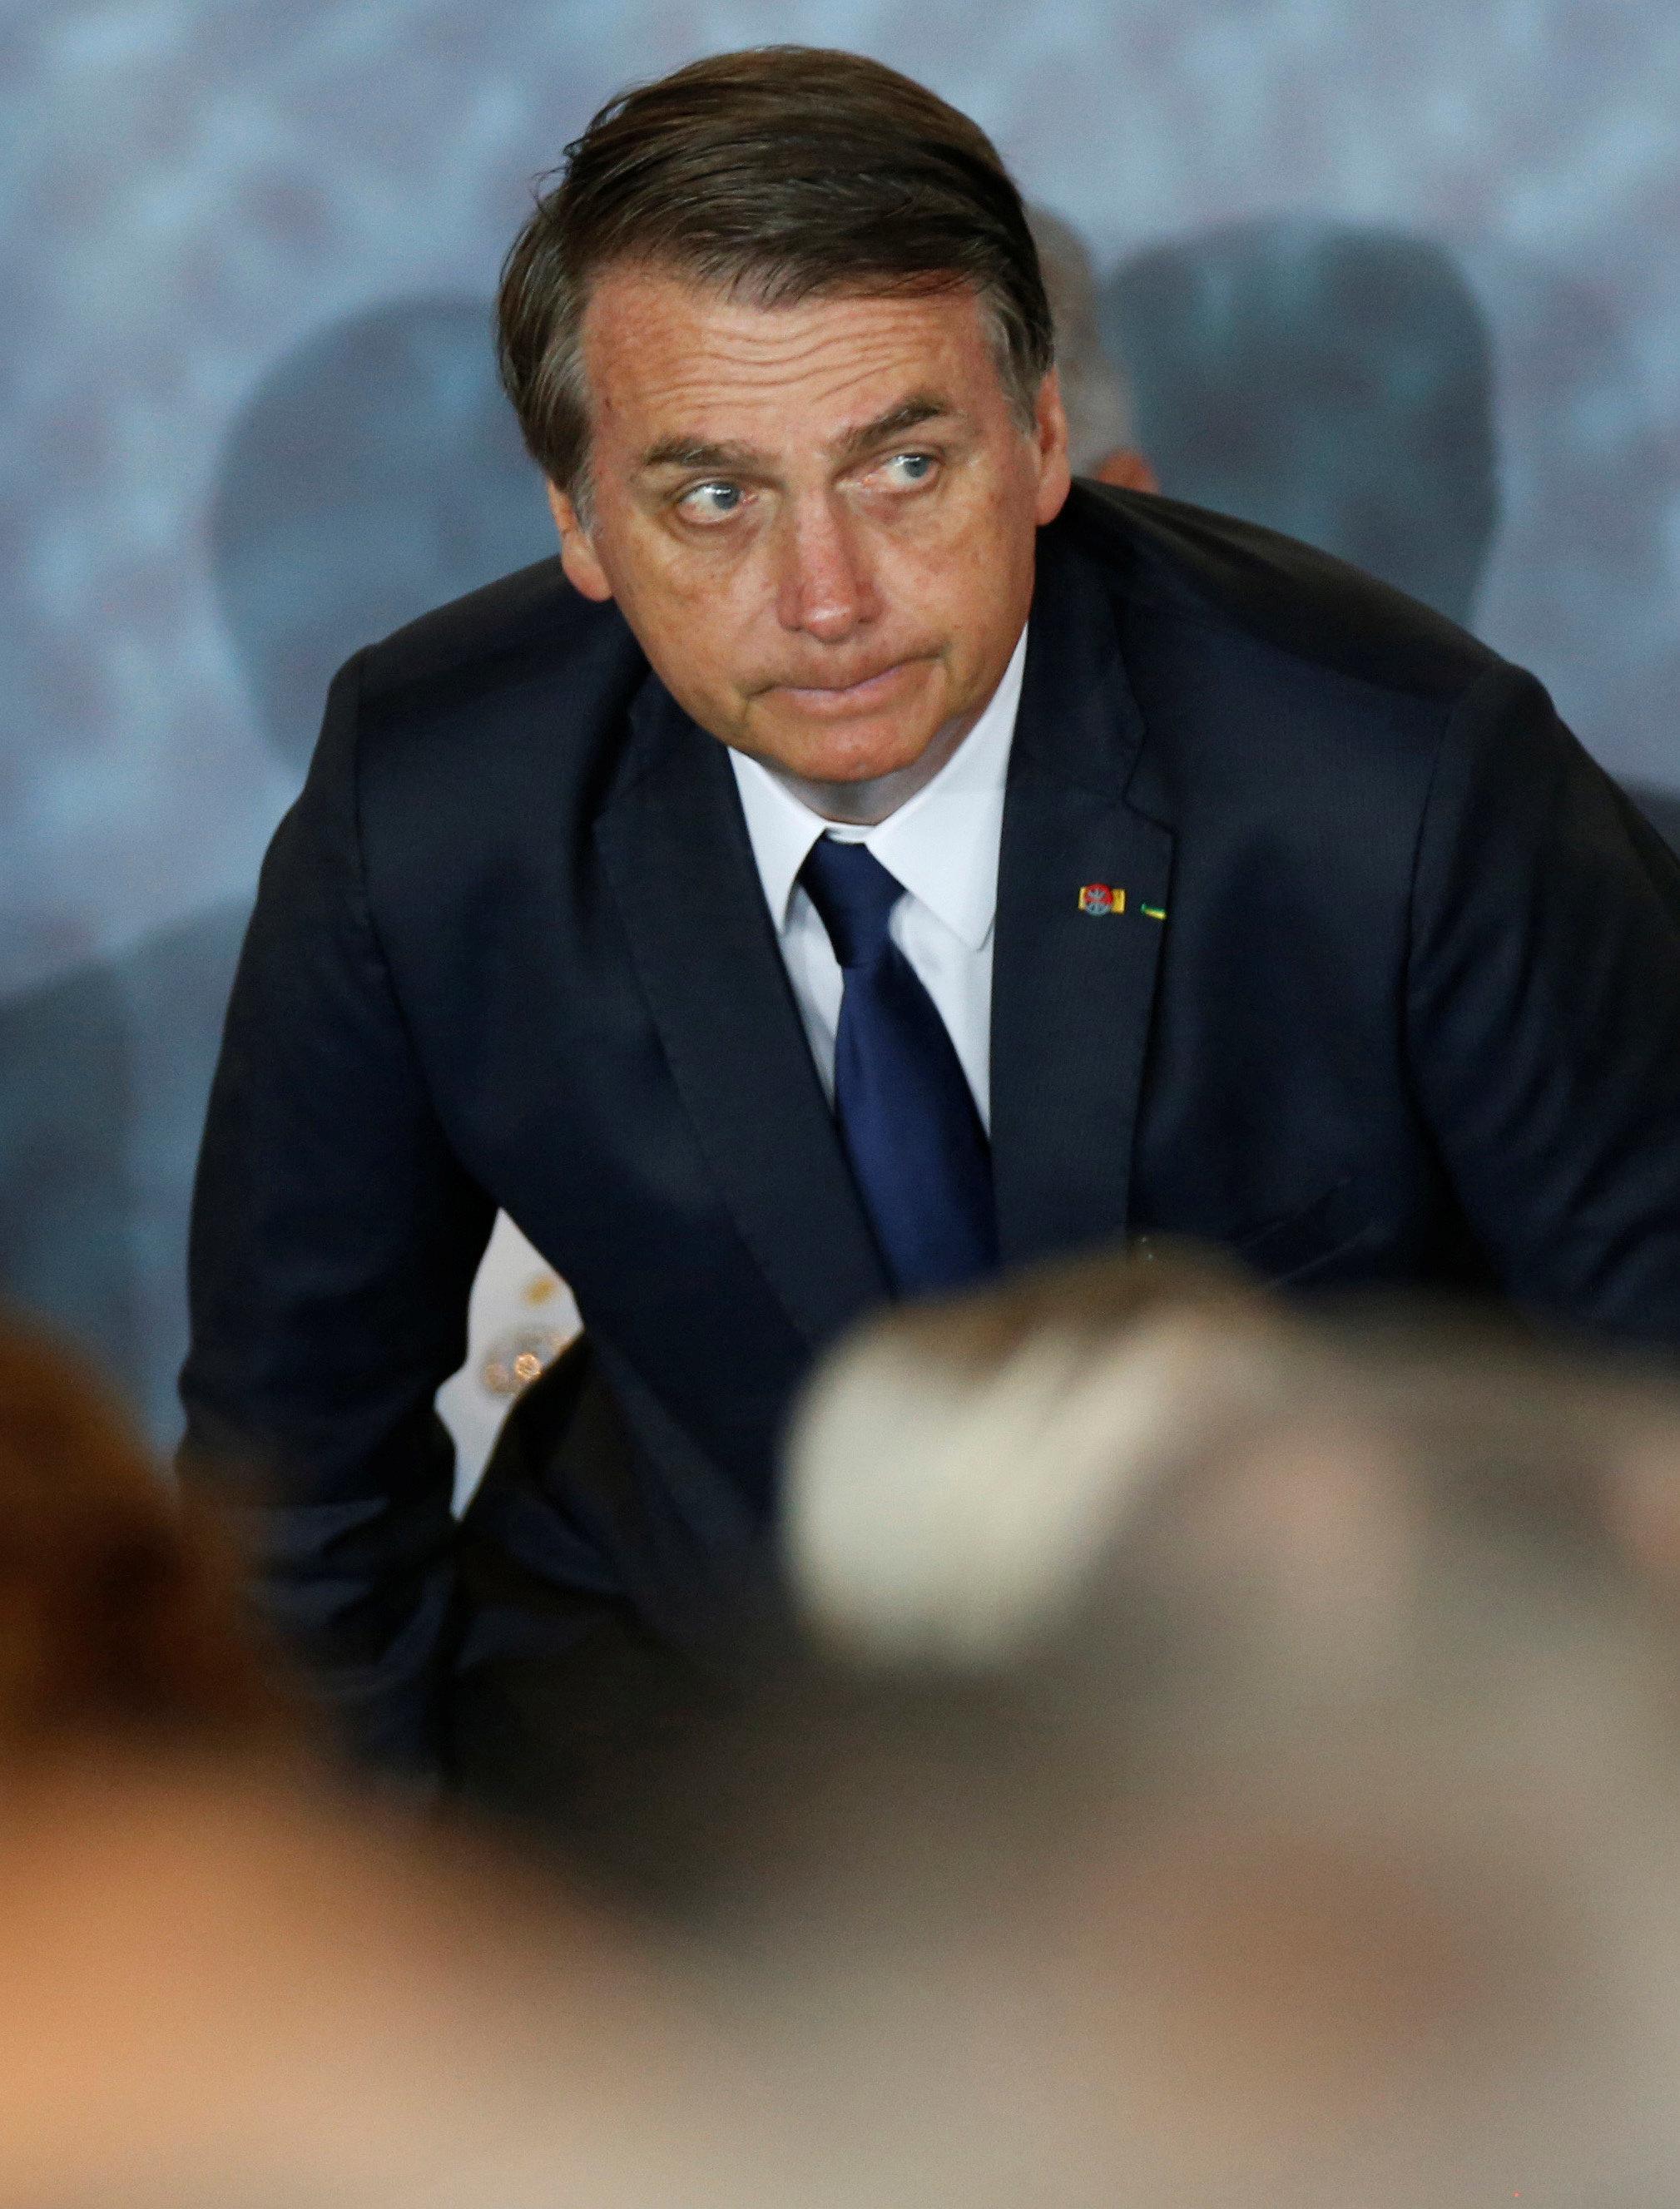 Estratégia de Bolsonaro com fake news e ataques à imprensa é